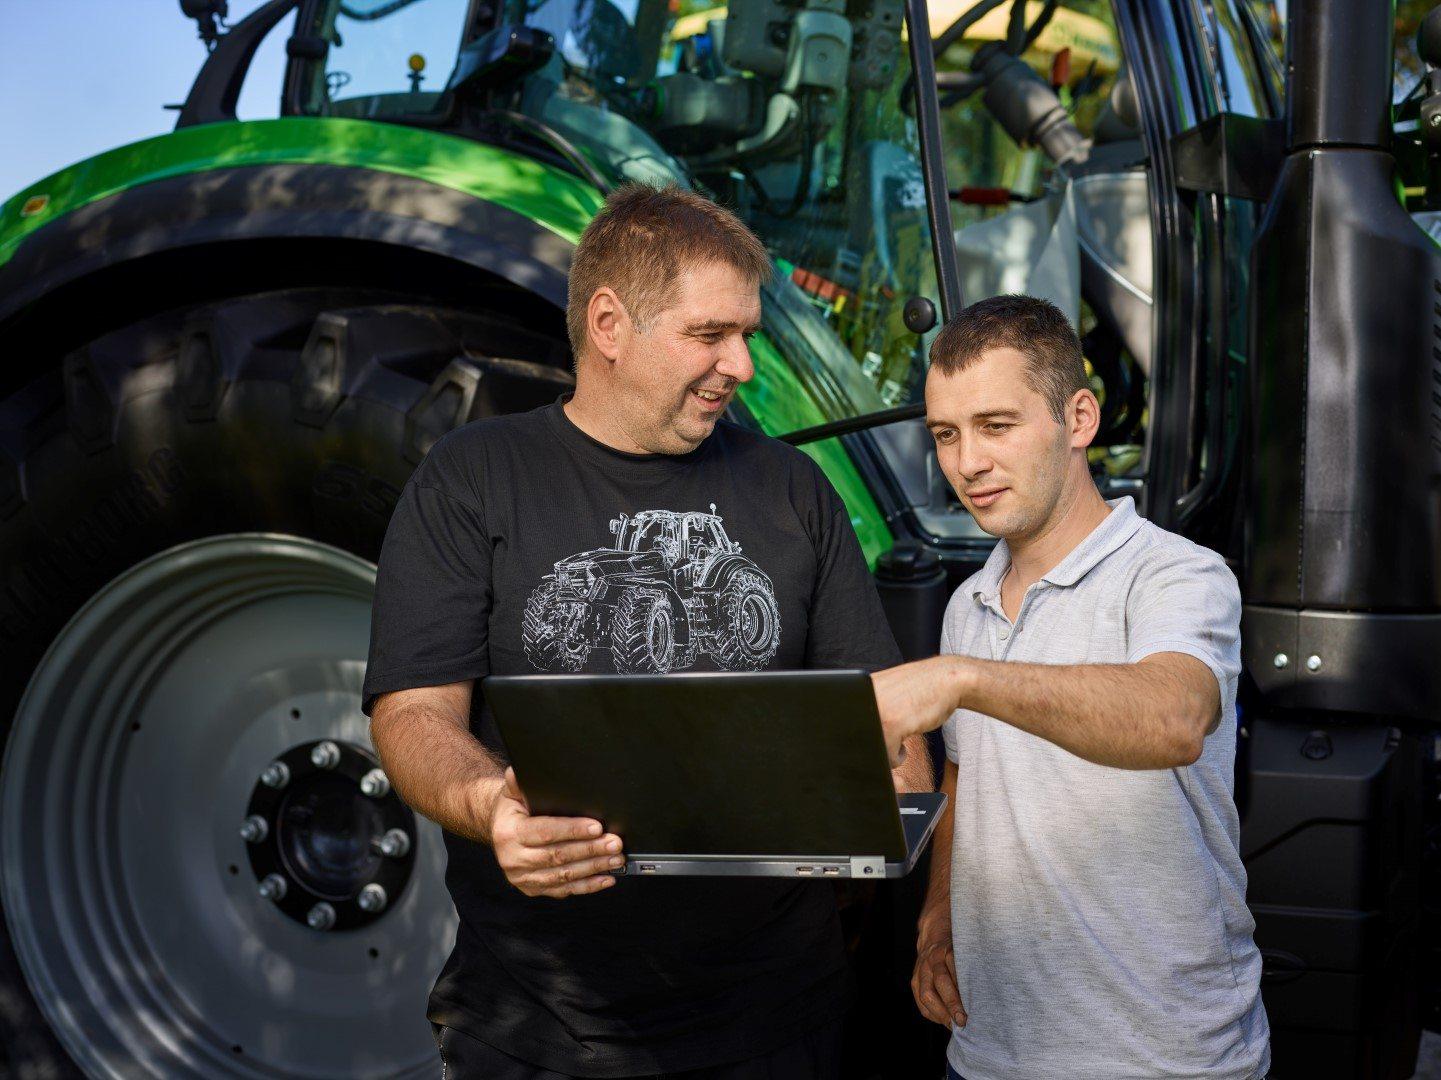 Servicetechniker mit Laptop erklärt im Beratungsgespräch einem Kunden Details über Deutz-Fahr Maschinen